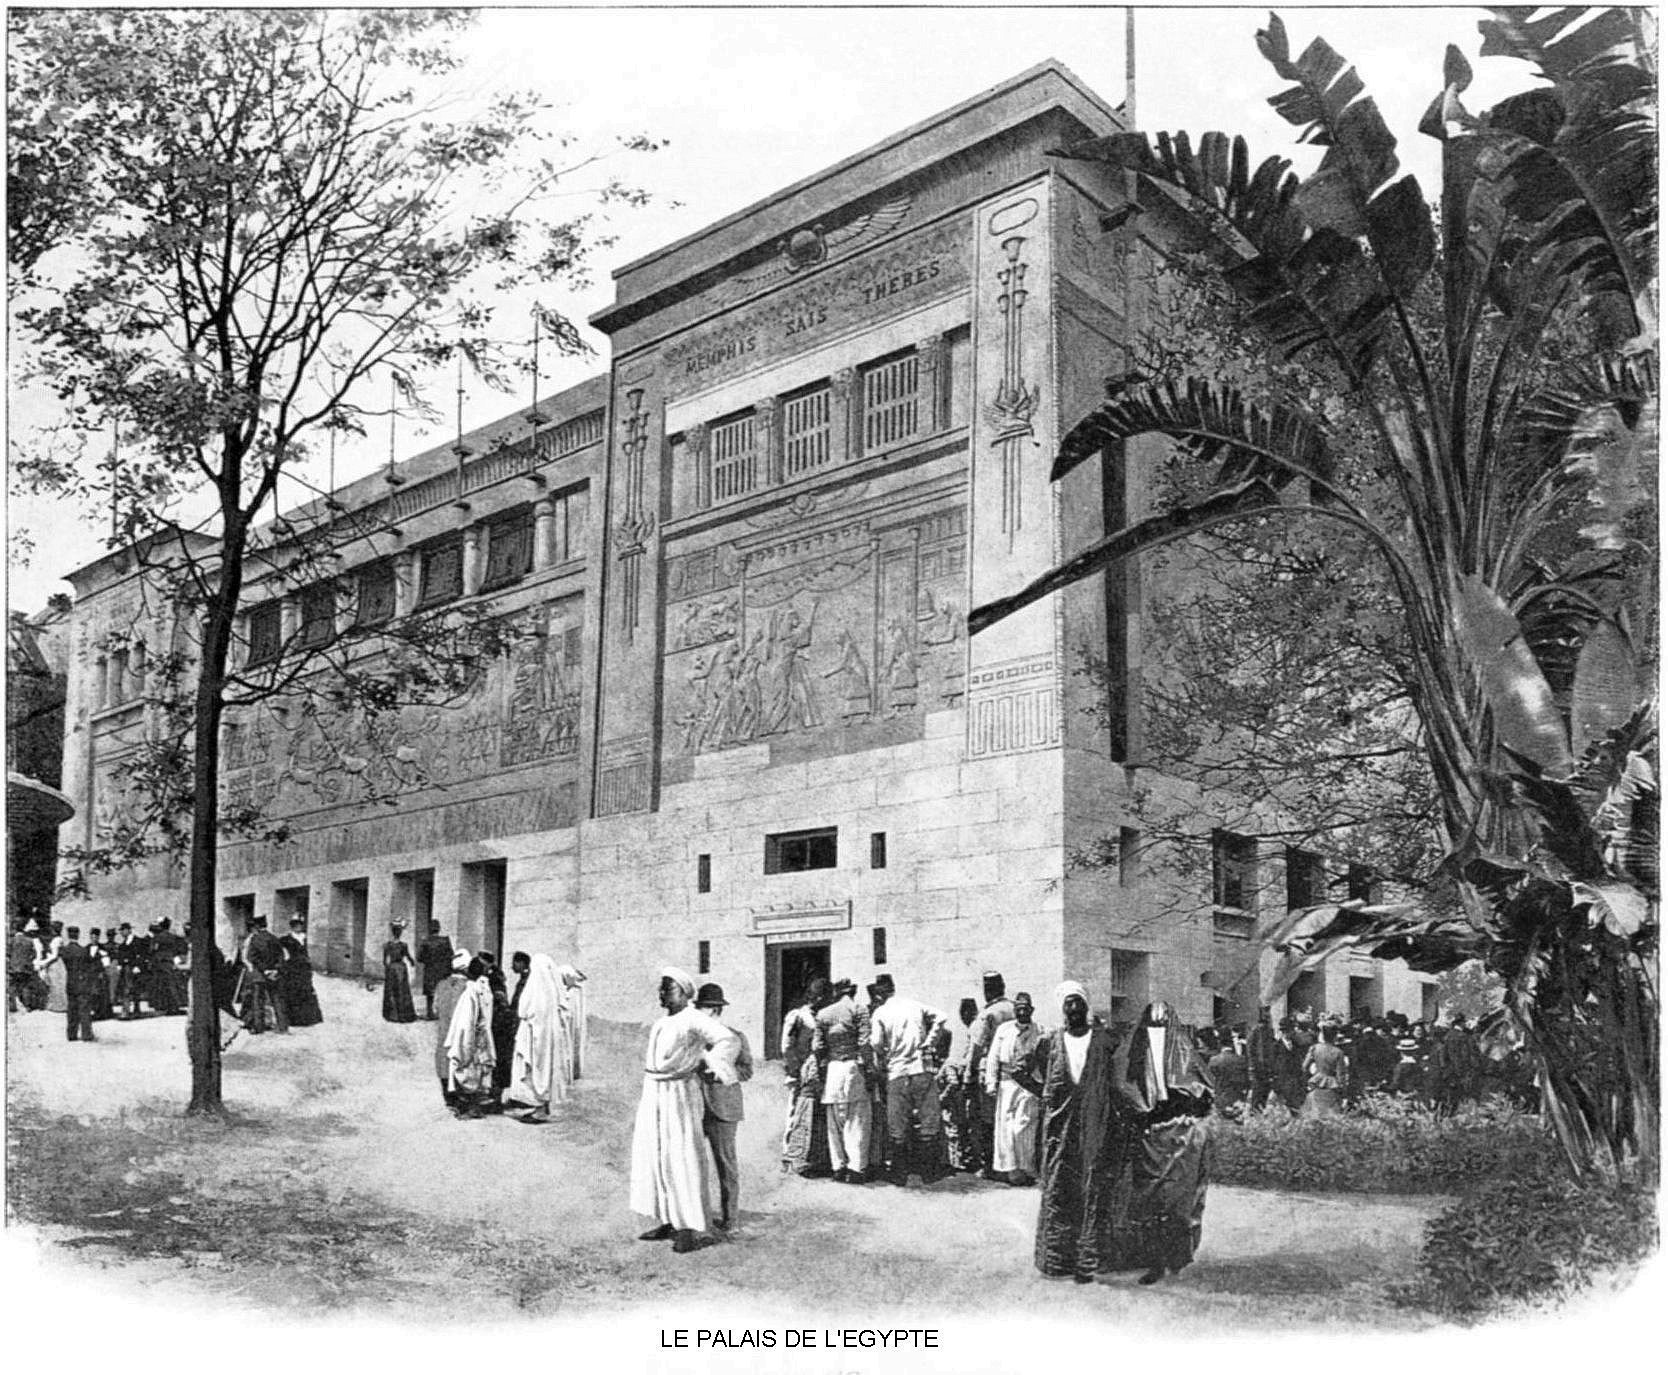 Le palais de l egypte